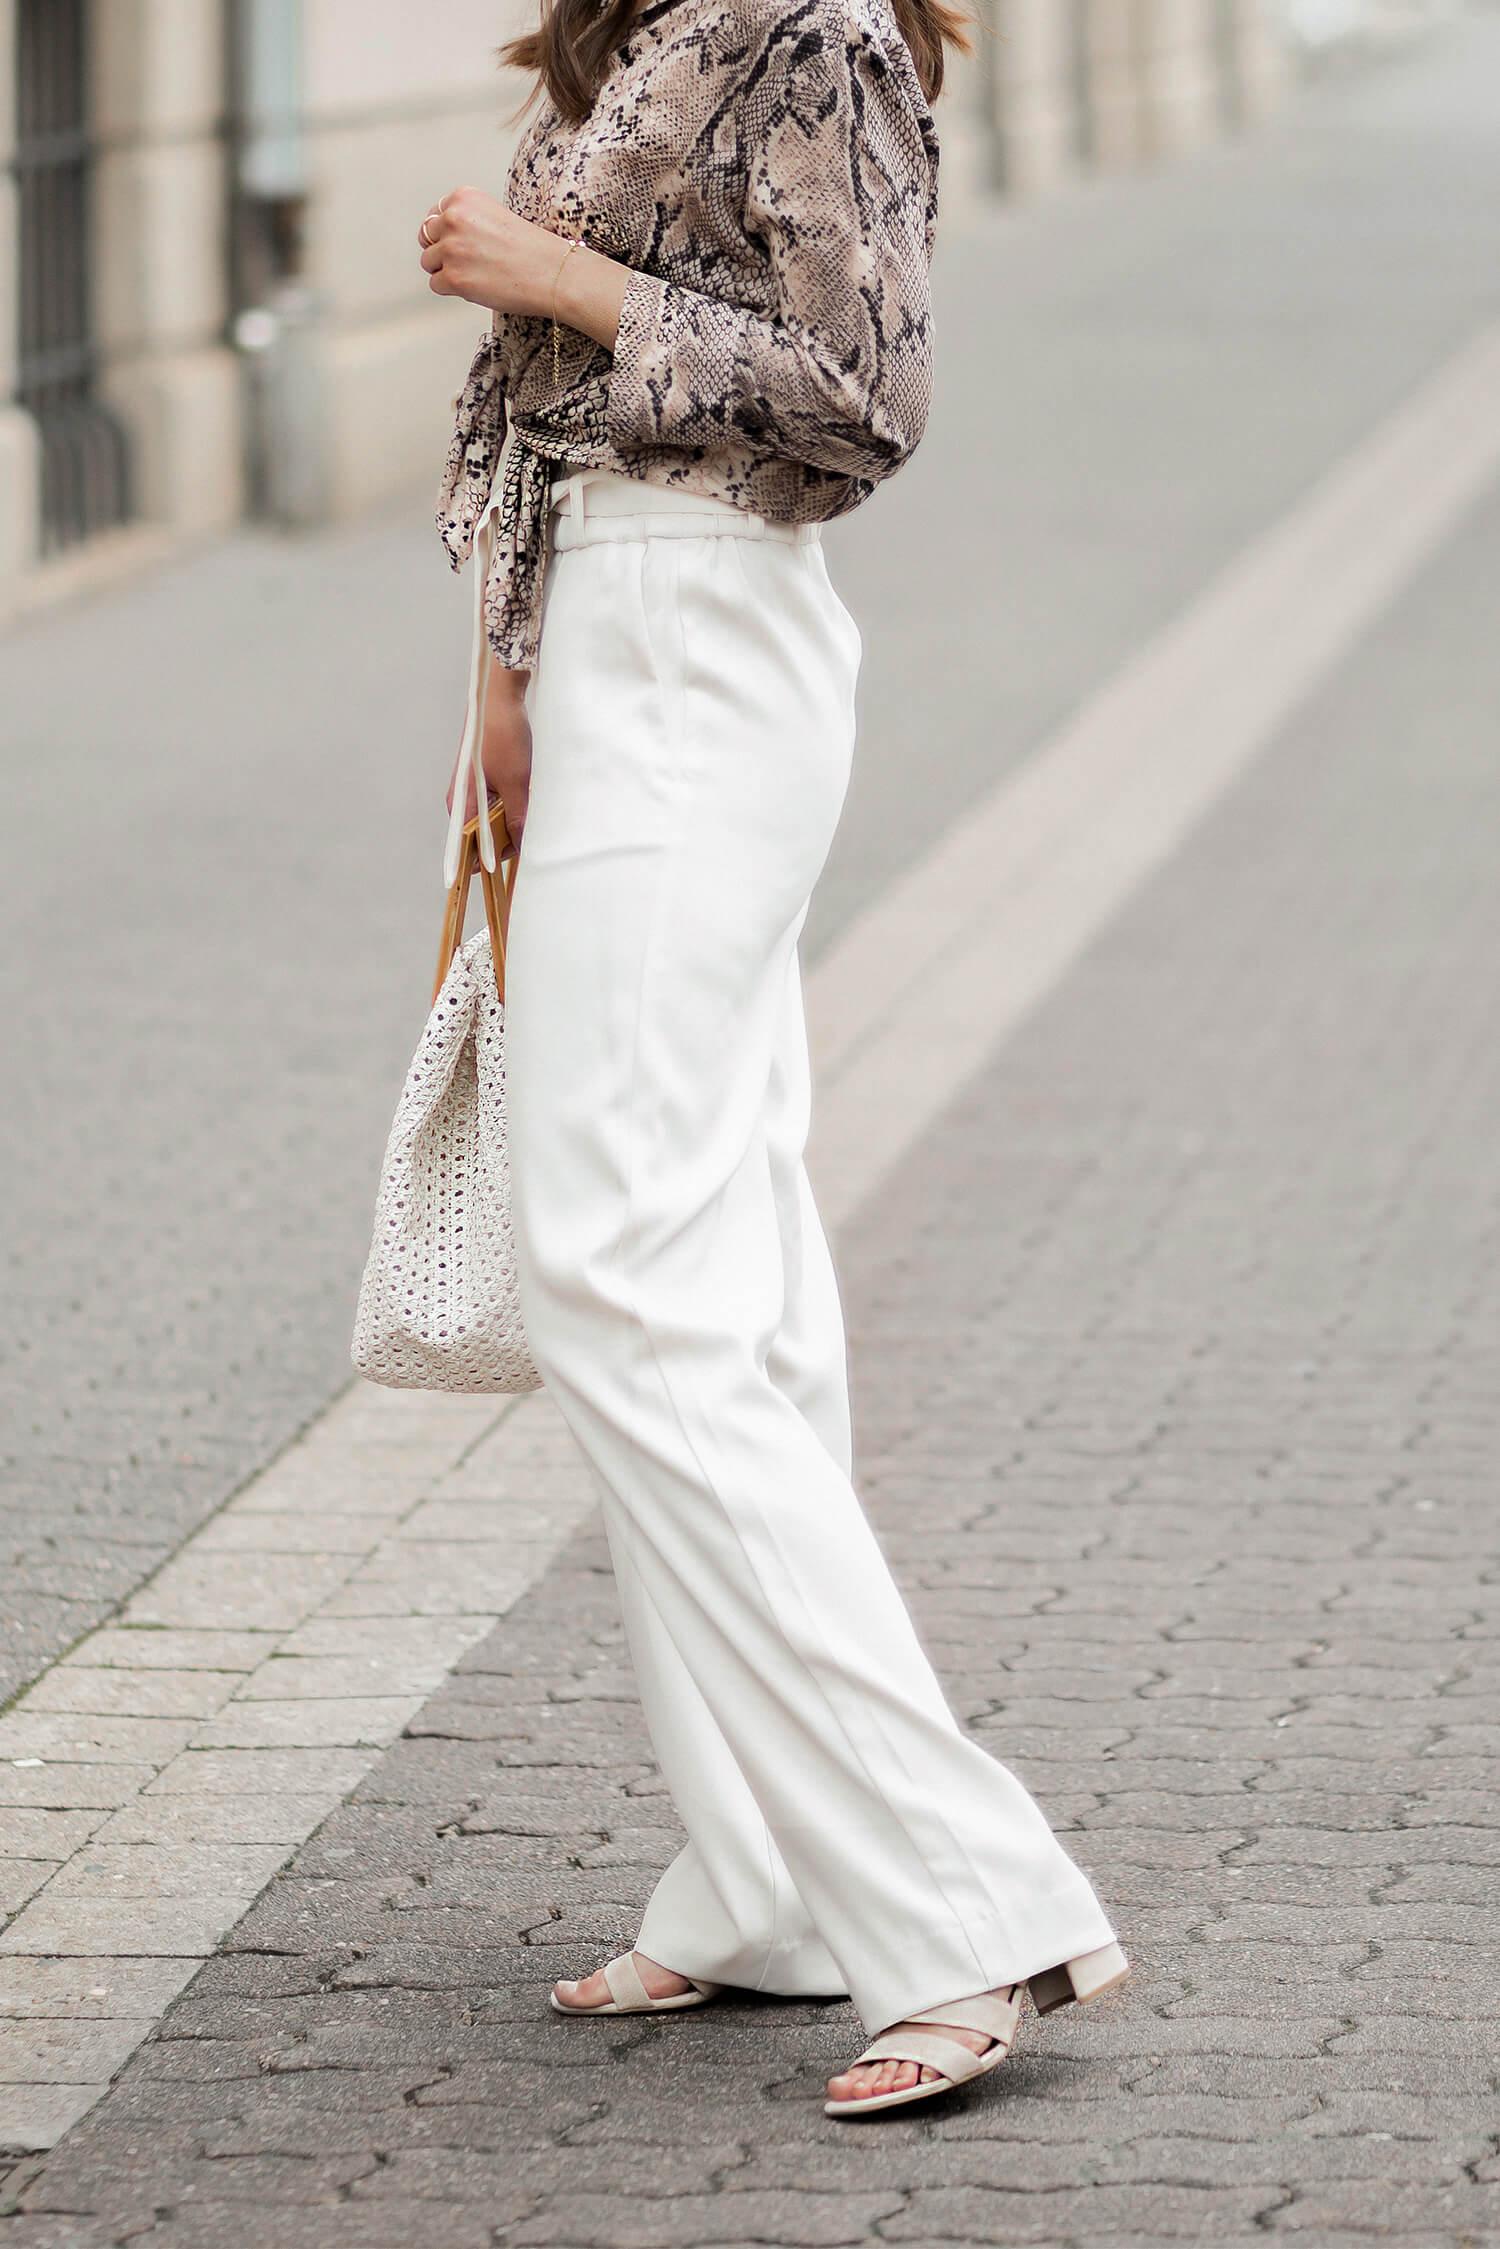 Wide Leg Pants stylen, Hosen mit weitem Bein, Snake Print Bluse, Shoelove by Deichmann